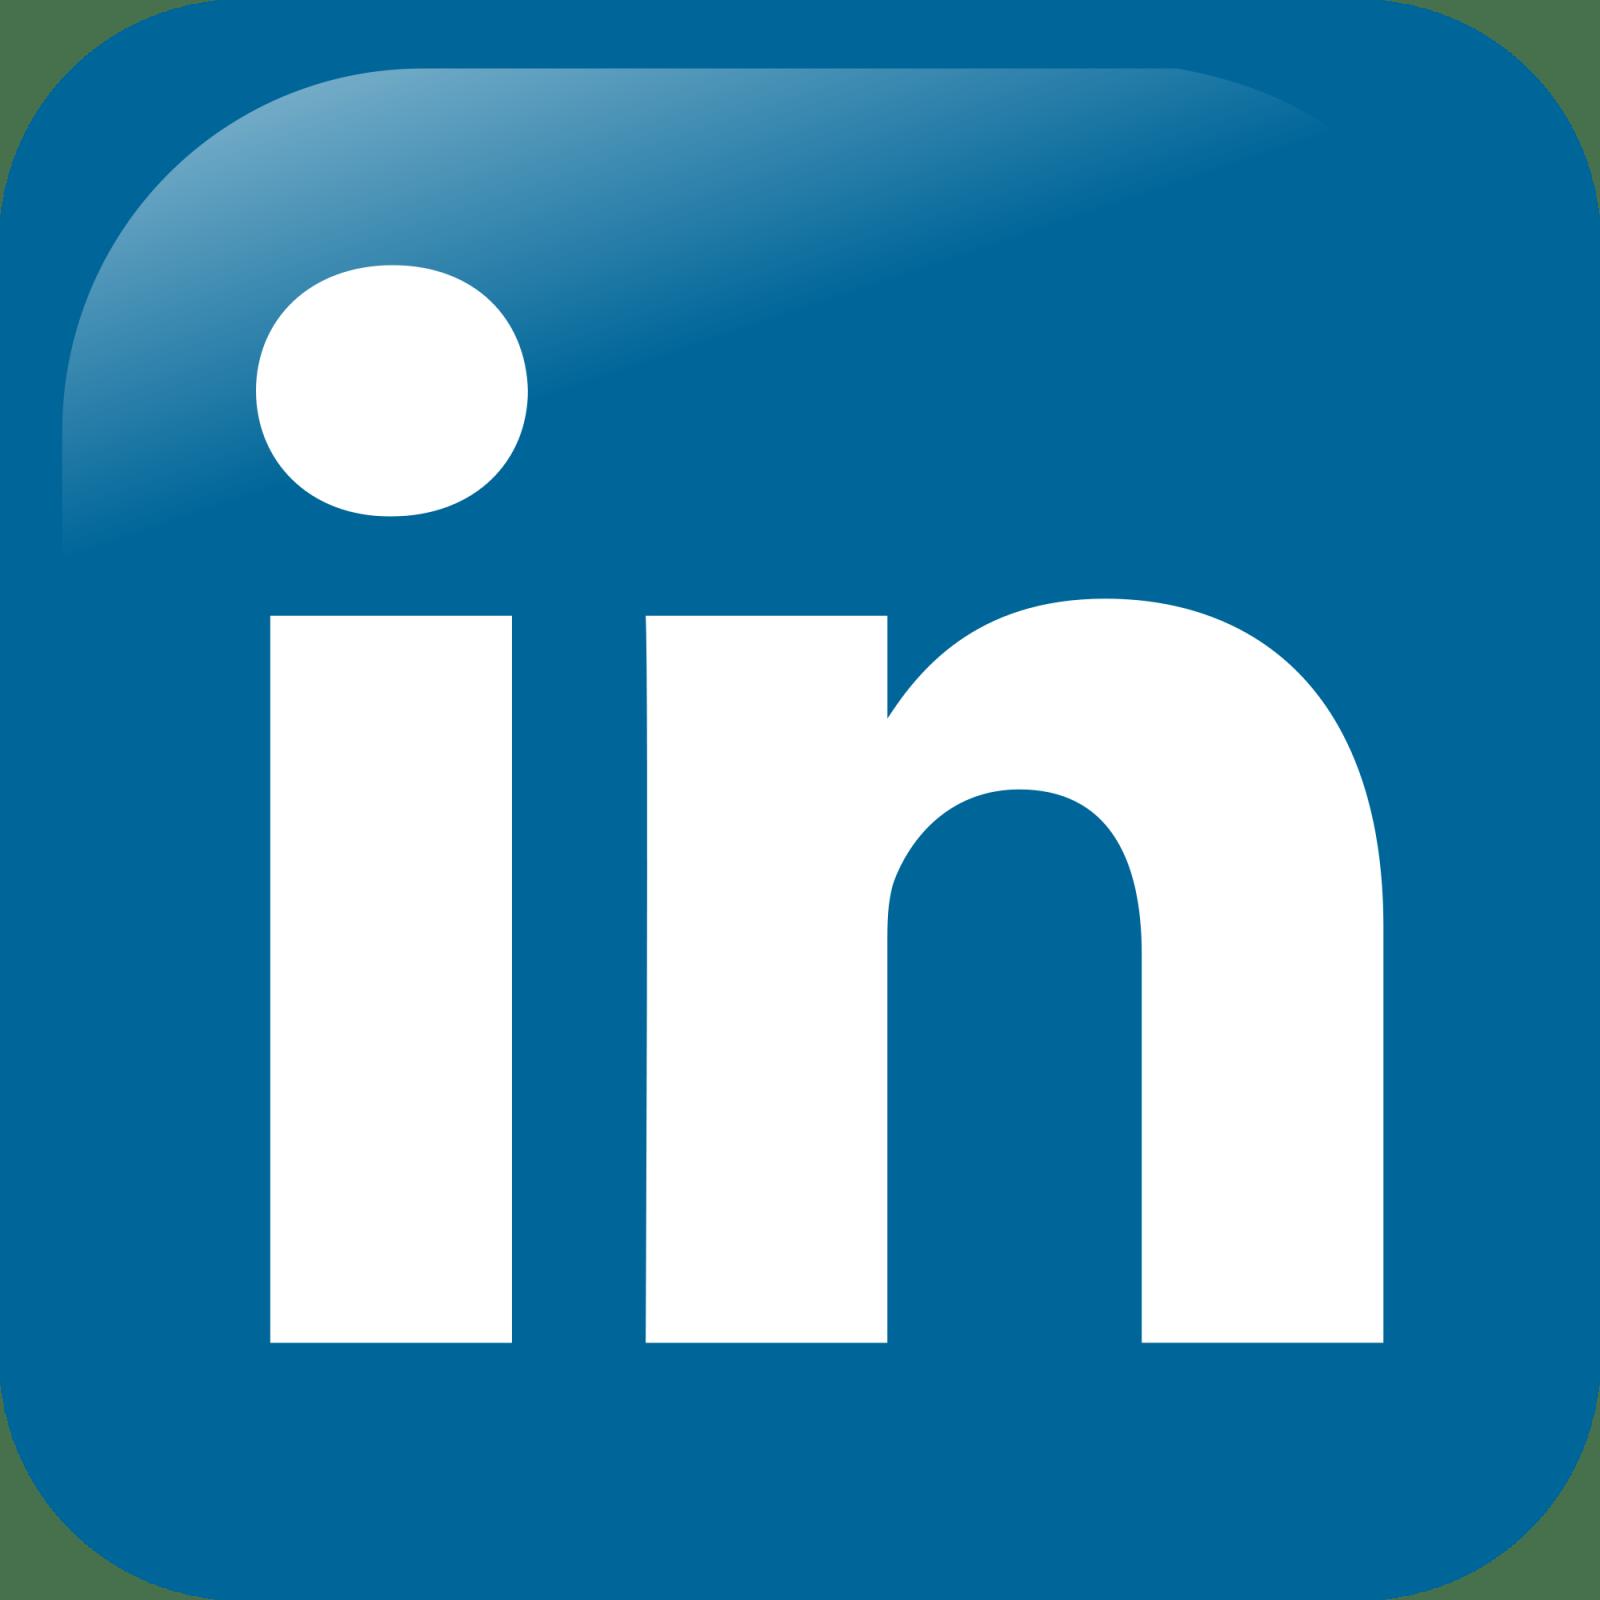 ¿Que redes sociales son más útiles para una tienda online? - ExpacioWeb